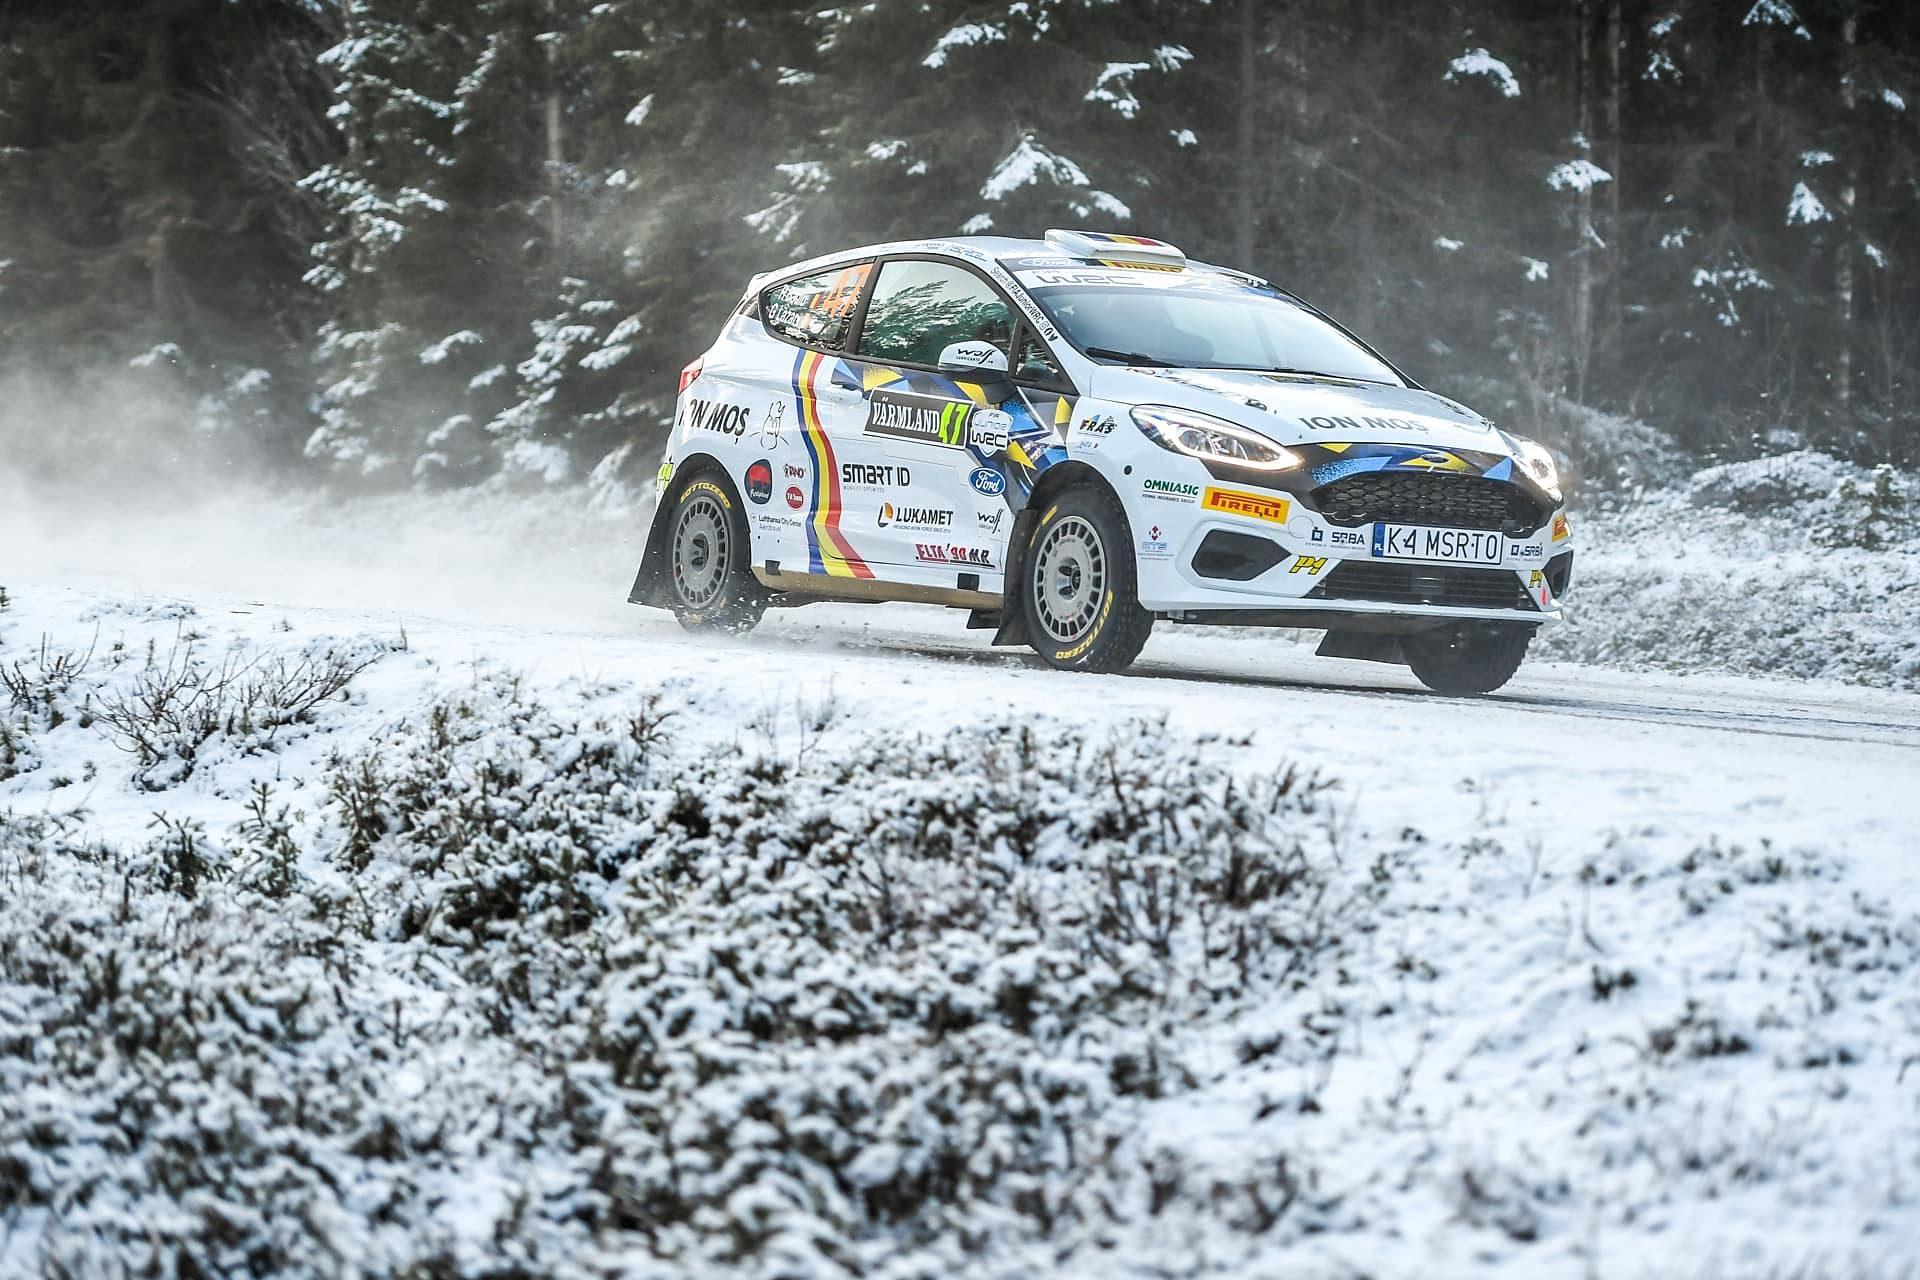 Raul Badiu si Gabriel Lazar obtin victorii de proba si locul 5 in Raliul Suediei